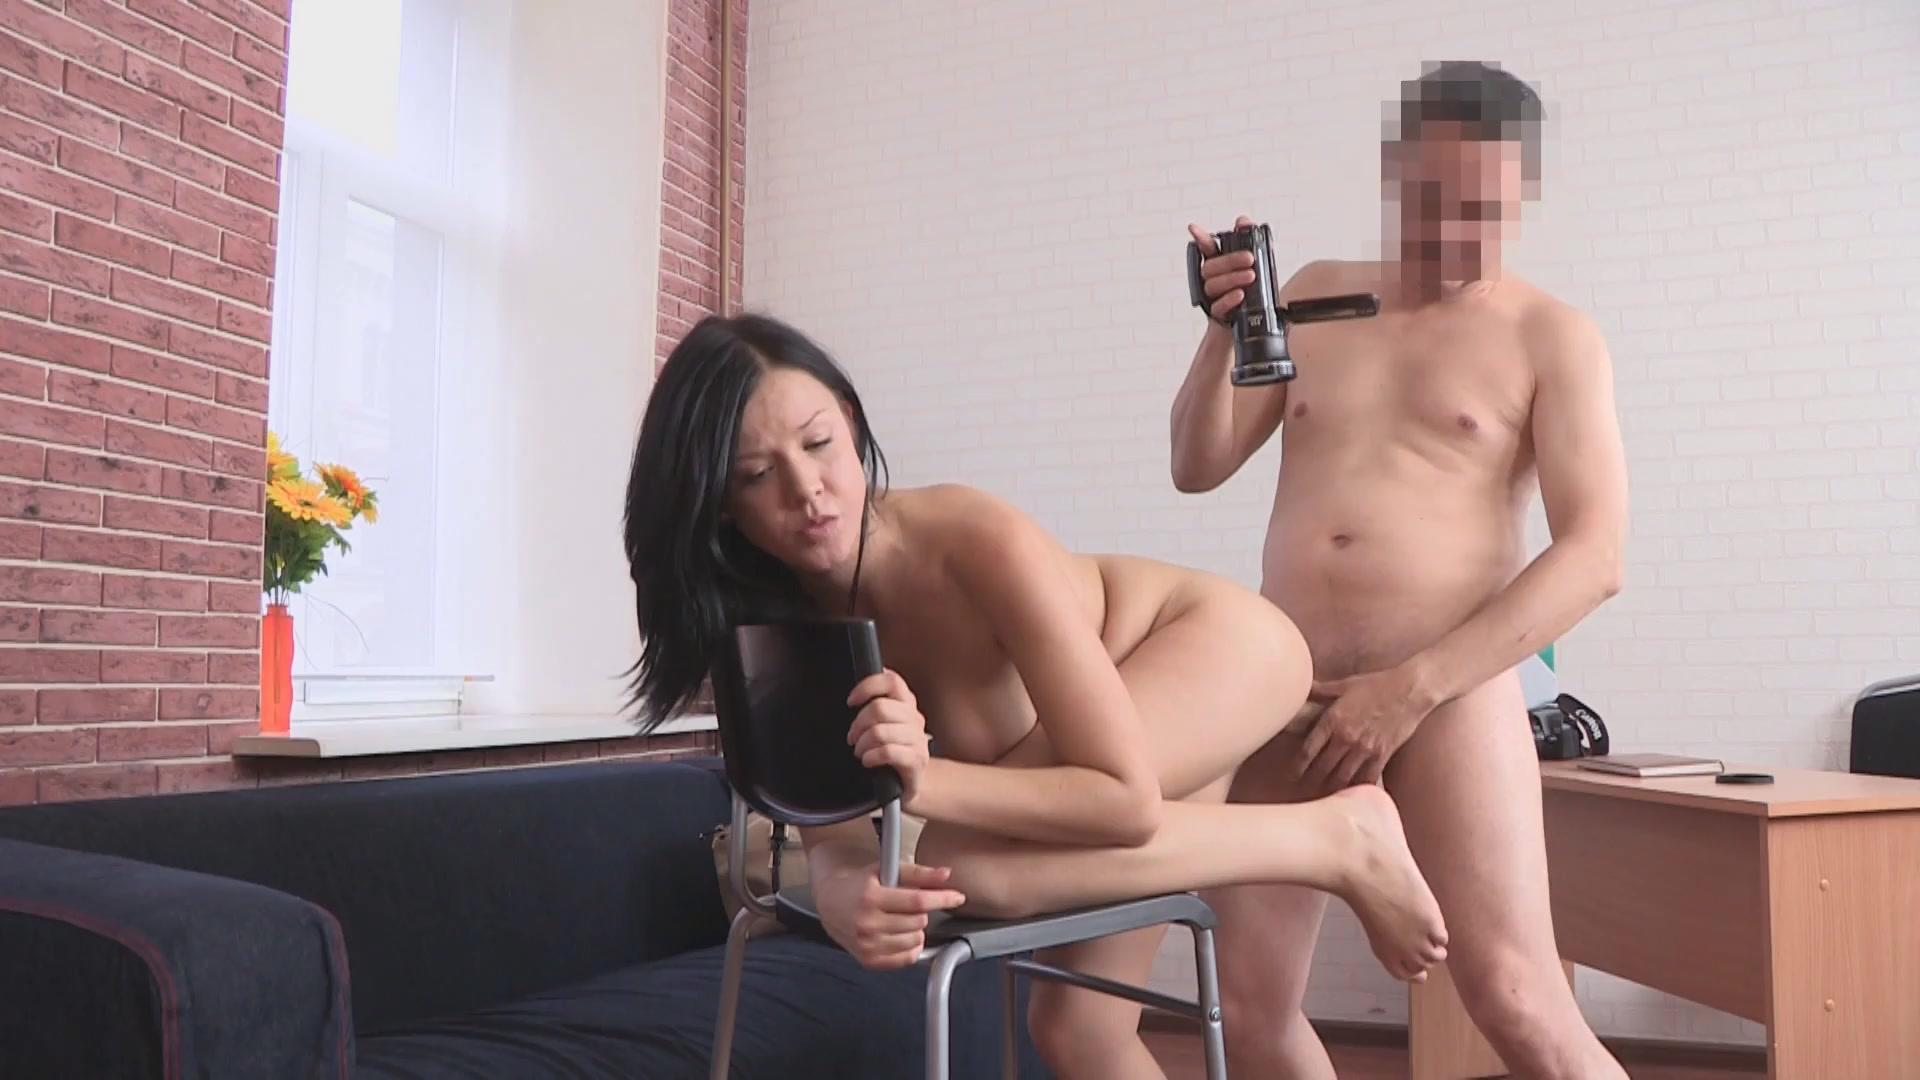 Порно кастинг за деньги, девушка наказала парня видео